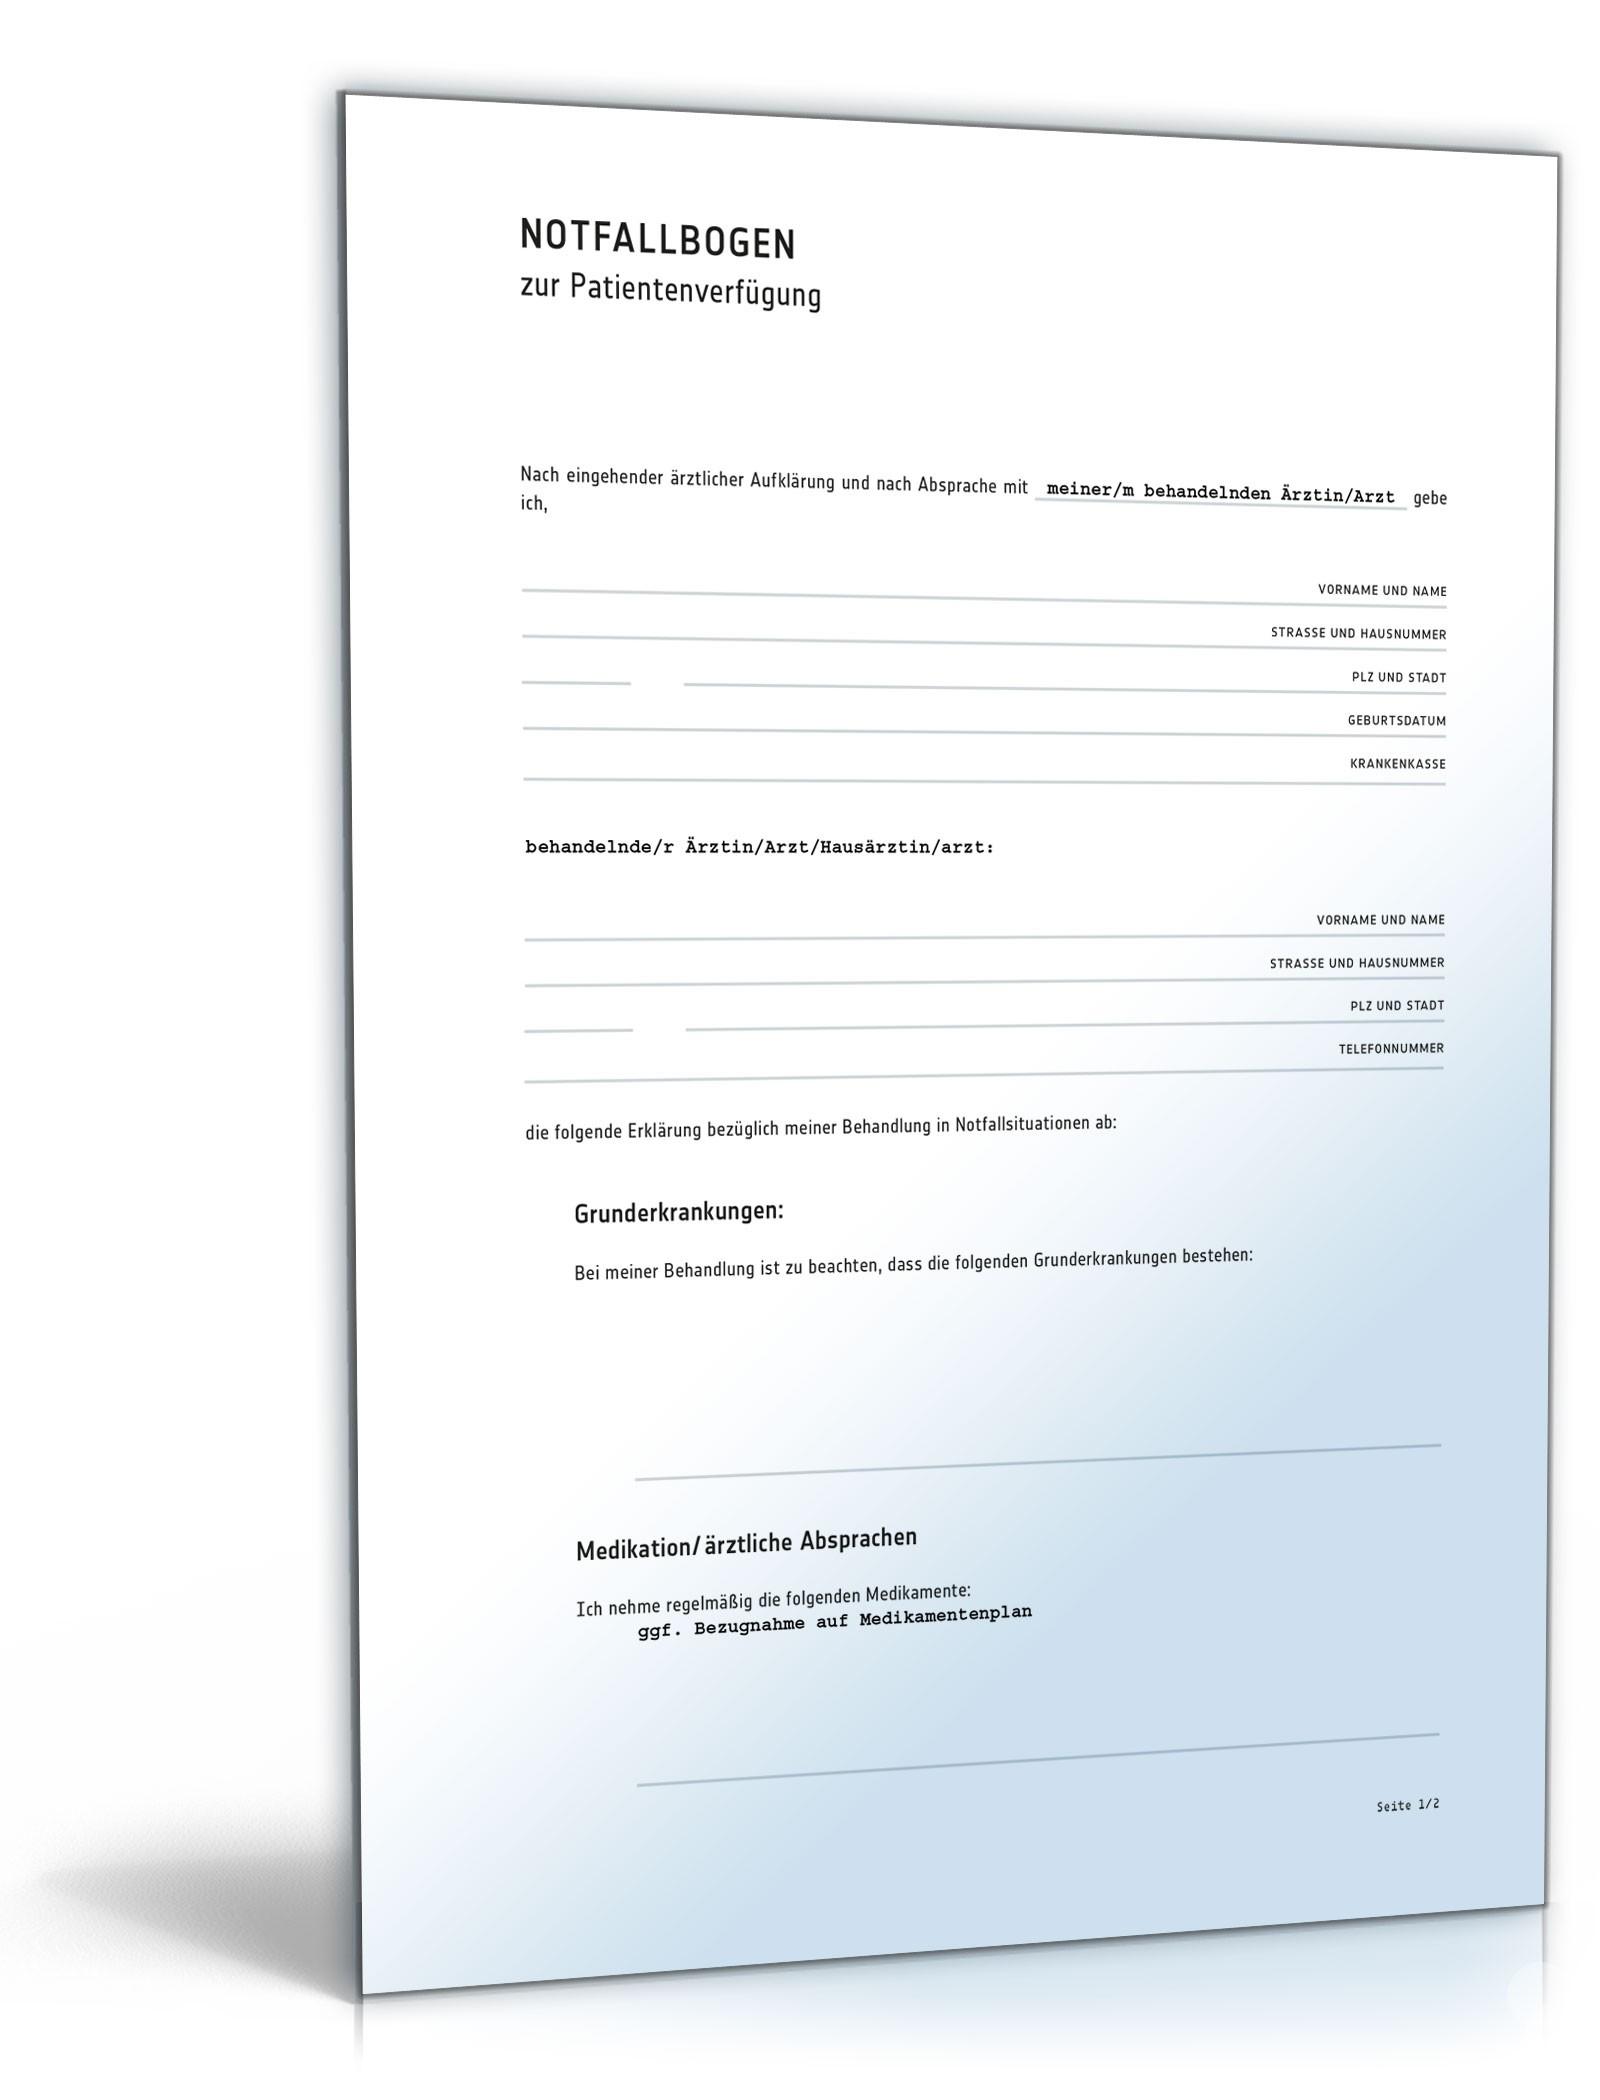 notfallbogen zu einer patientenverfgung - Patientenverfugung Muster